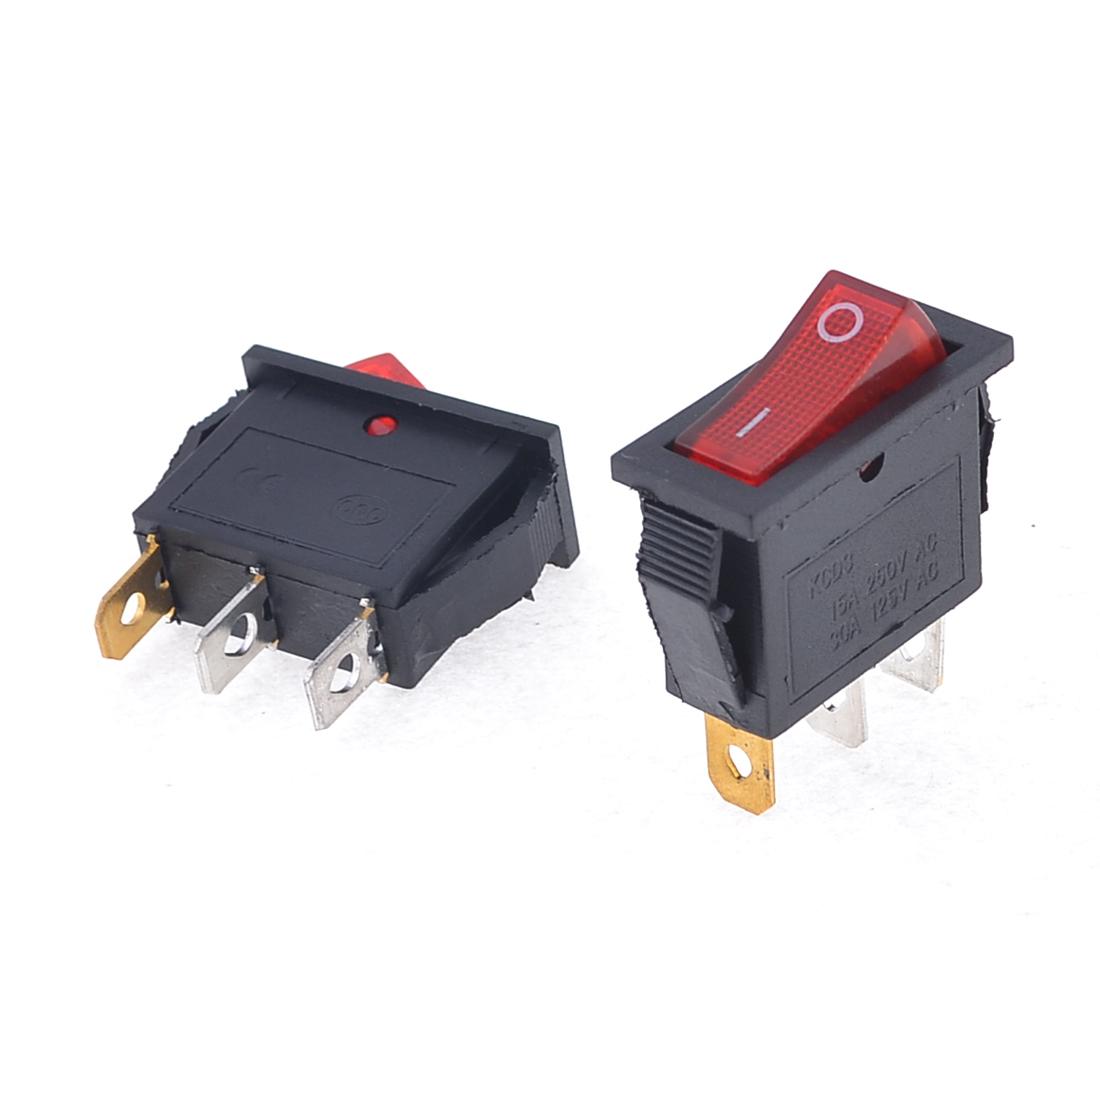 2 Pcs AC 15A/250V 30A/125V Red Light ON/OFF 2 Position SPST Rocker Switch